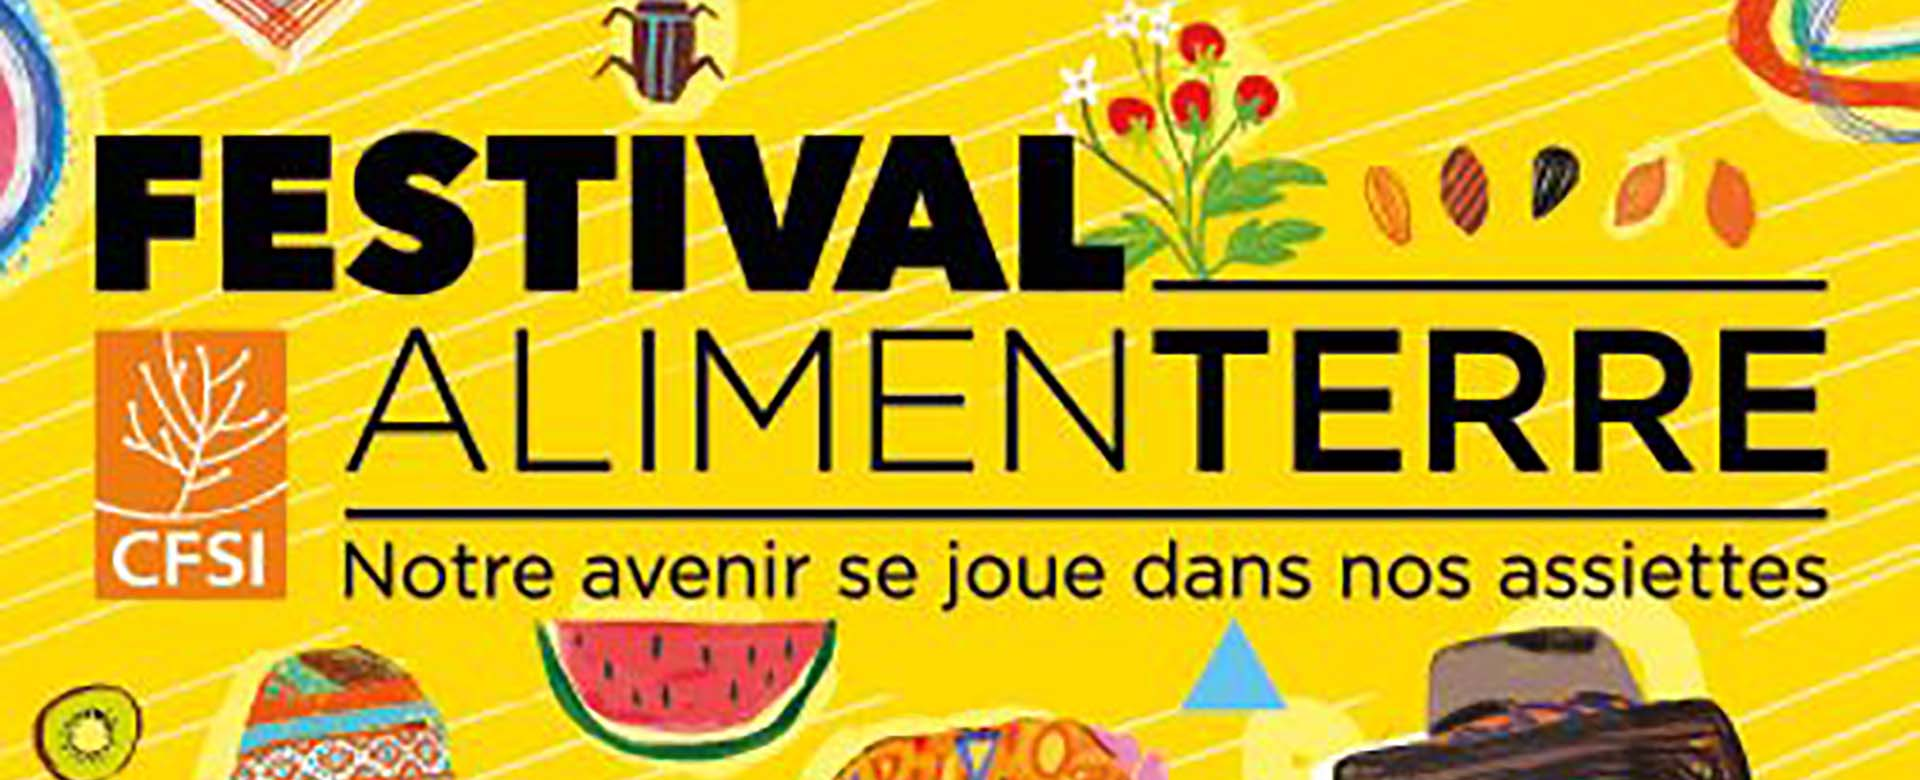 Festival Alimenterre : projection débat «Manger autrement»